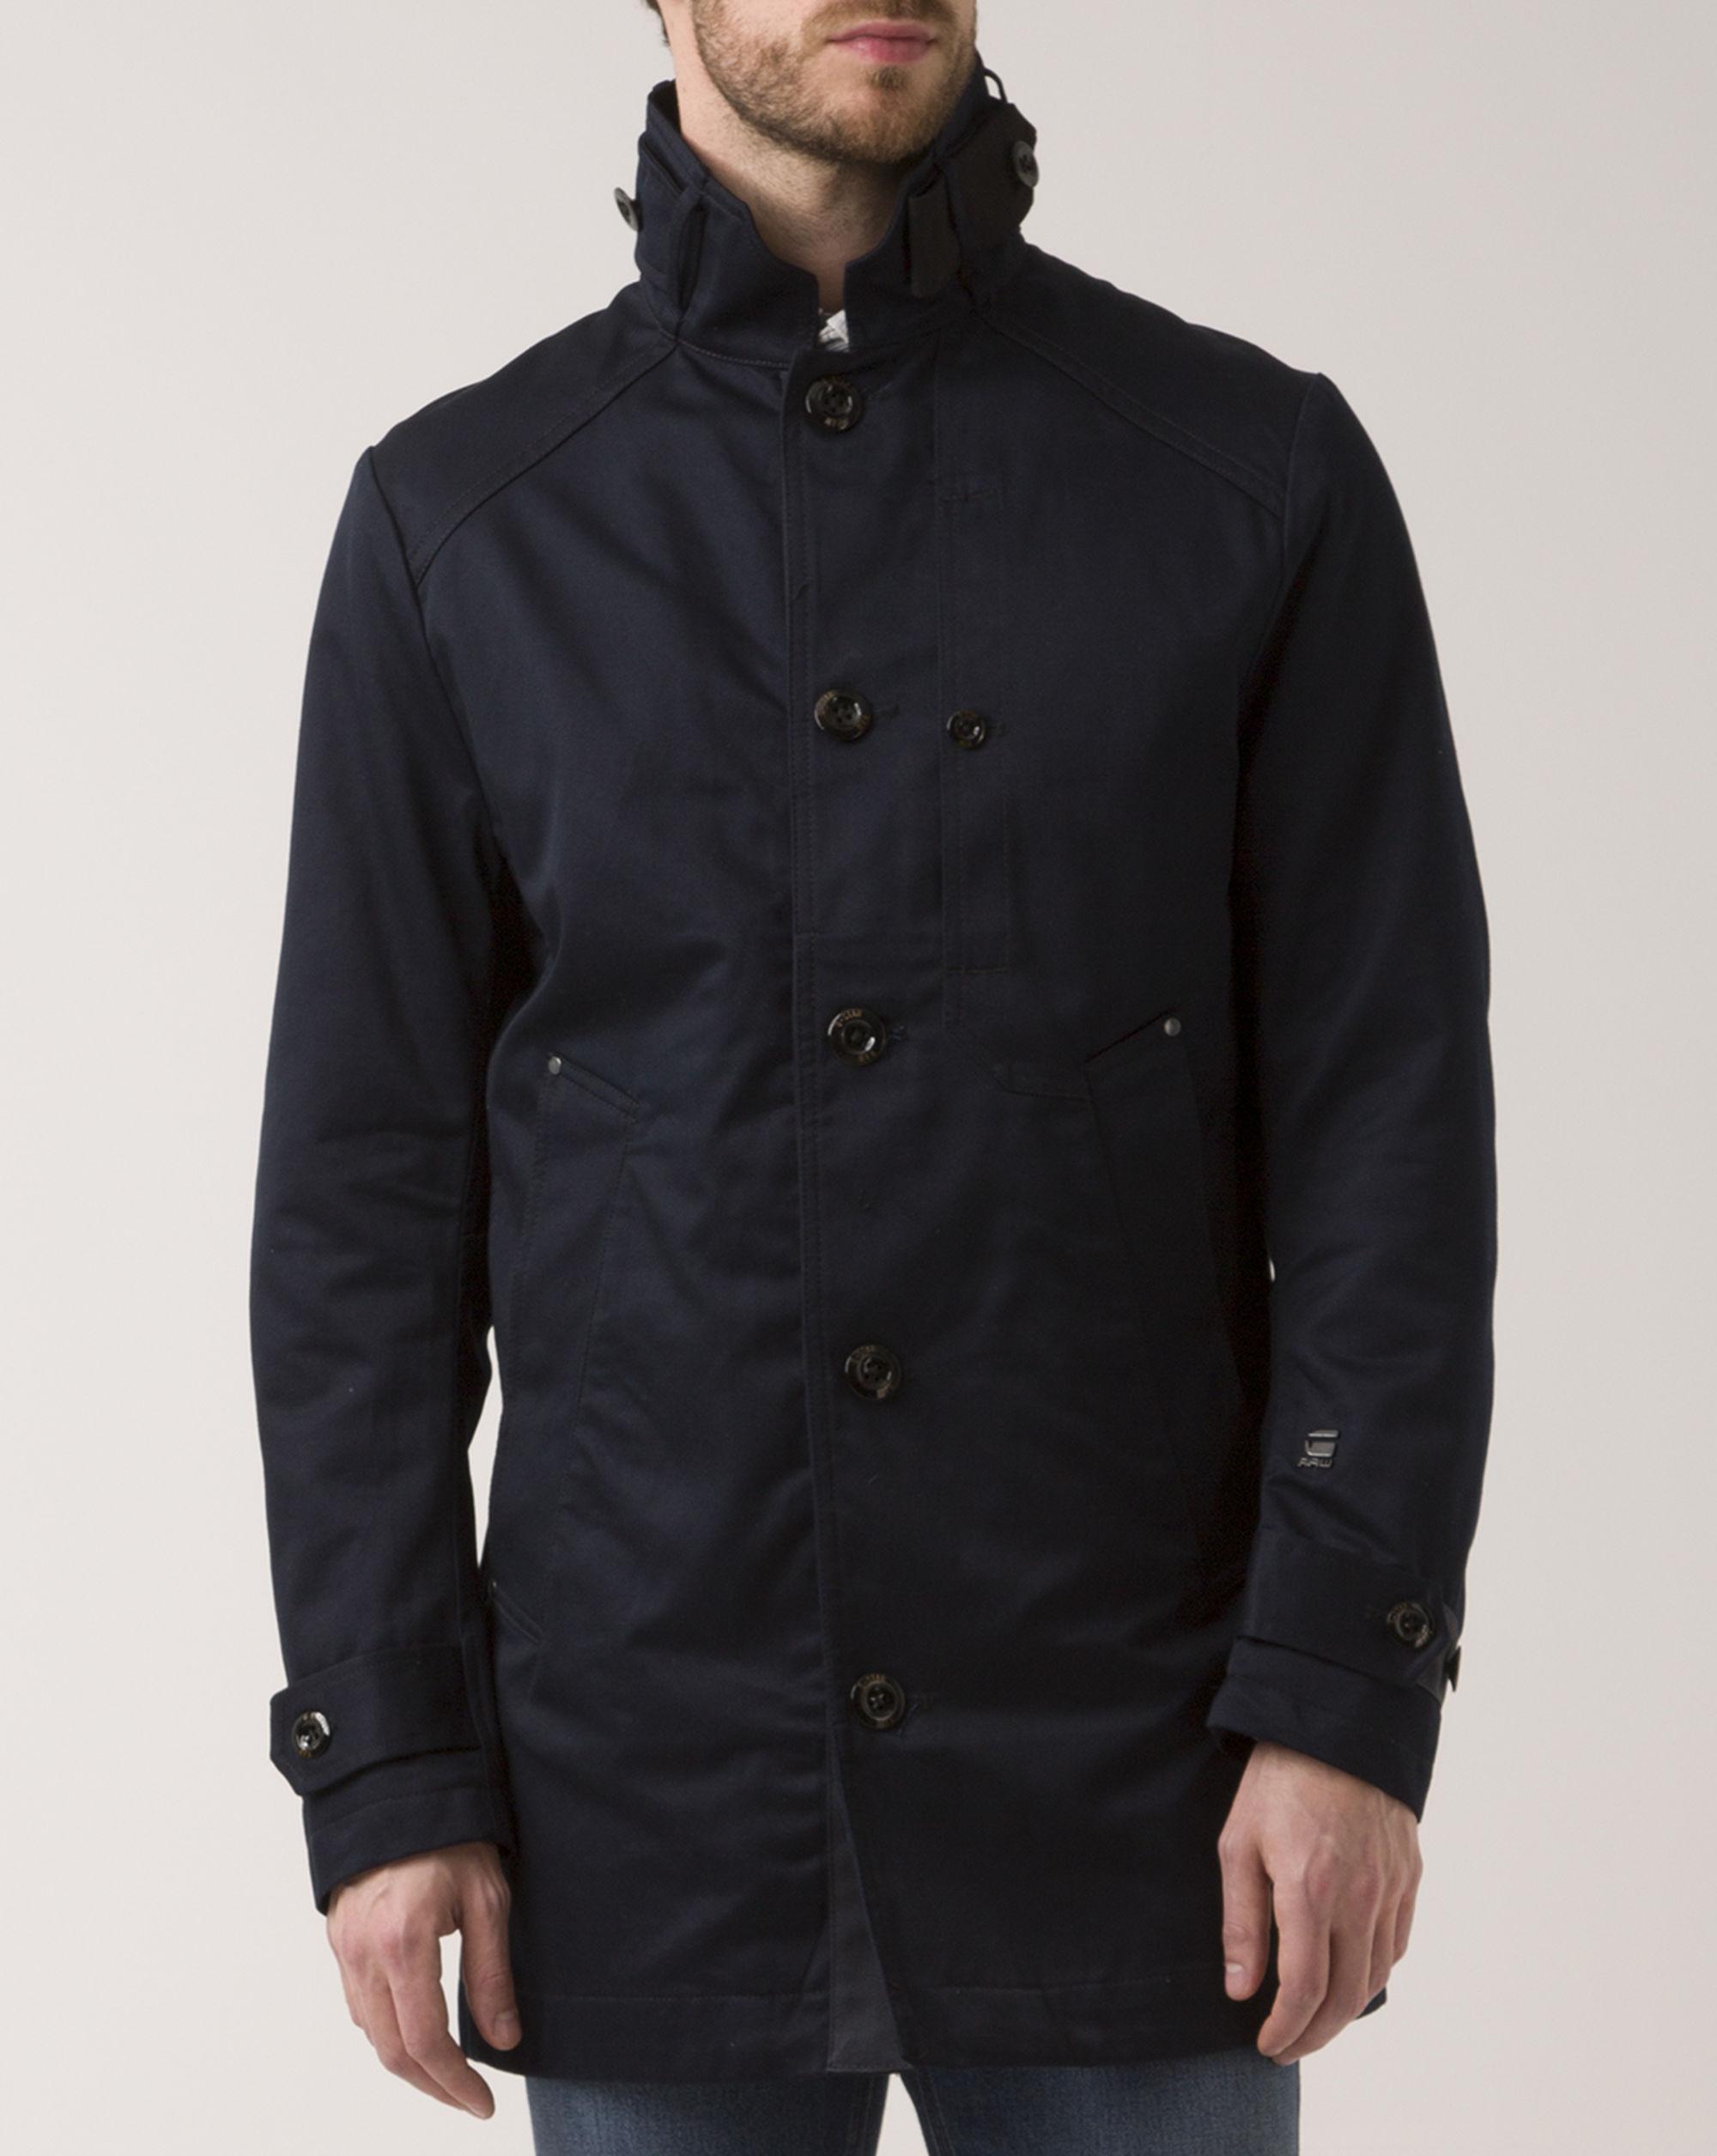 g star raw navy blue garber trenchcoat in blue for men lyst. Black Bedroom Furniture Sets. Home Design Ideas